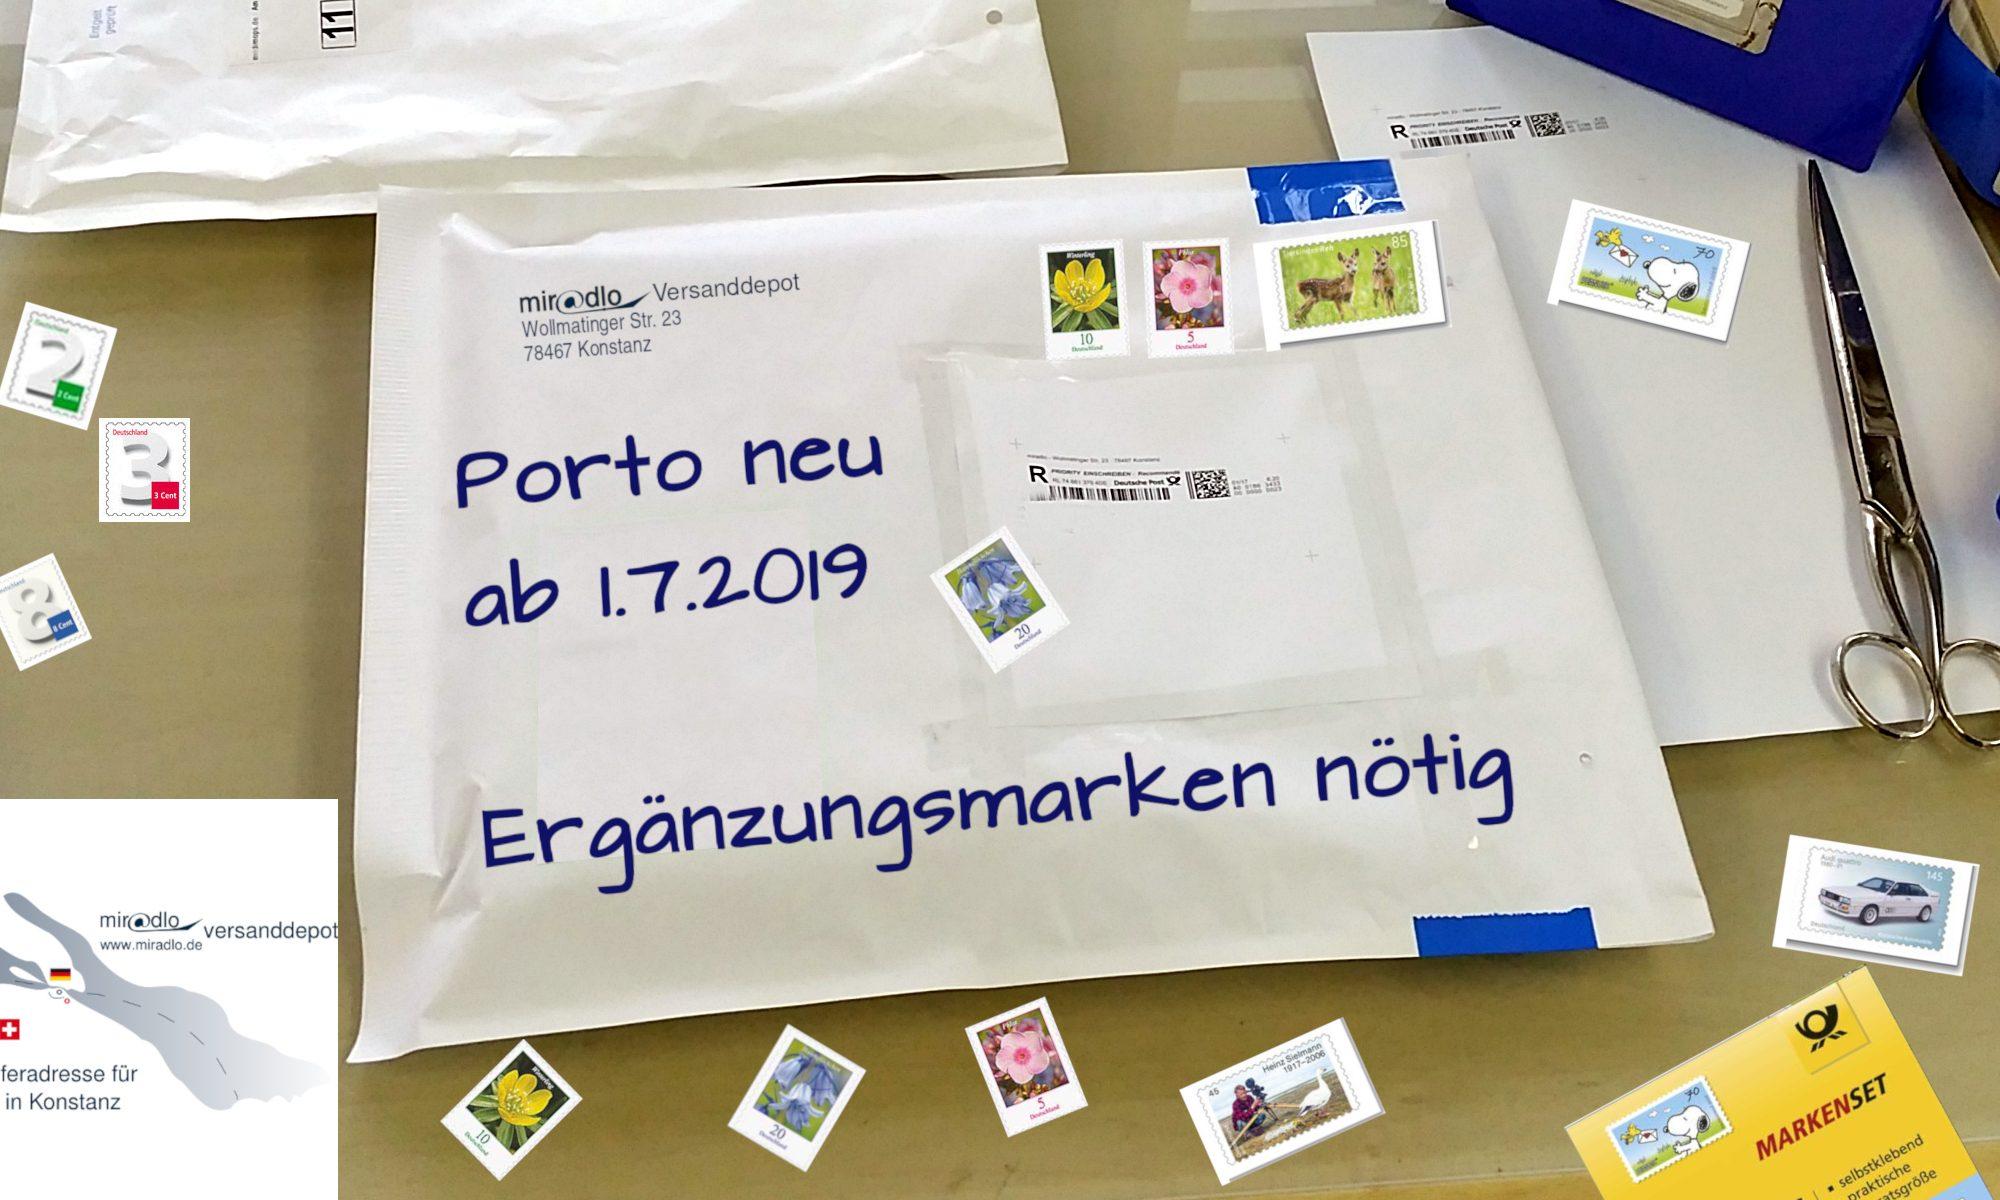 Ergänzungsmarke, Brief, Standardbrief, Porto, Postkarten, Briefmarken, Internetmarke, Portoerhöhung ---- miradlo-Versanddepot, Lieferadresse Konstanz mit DHL-Shop